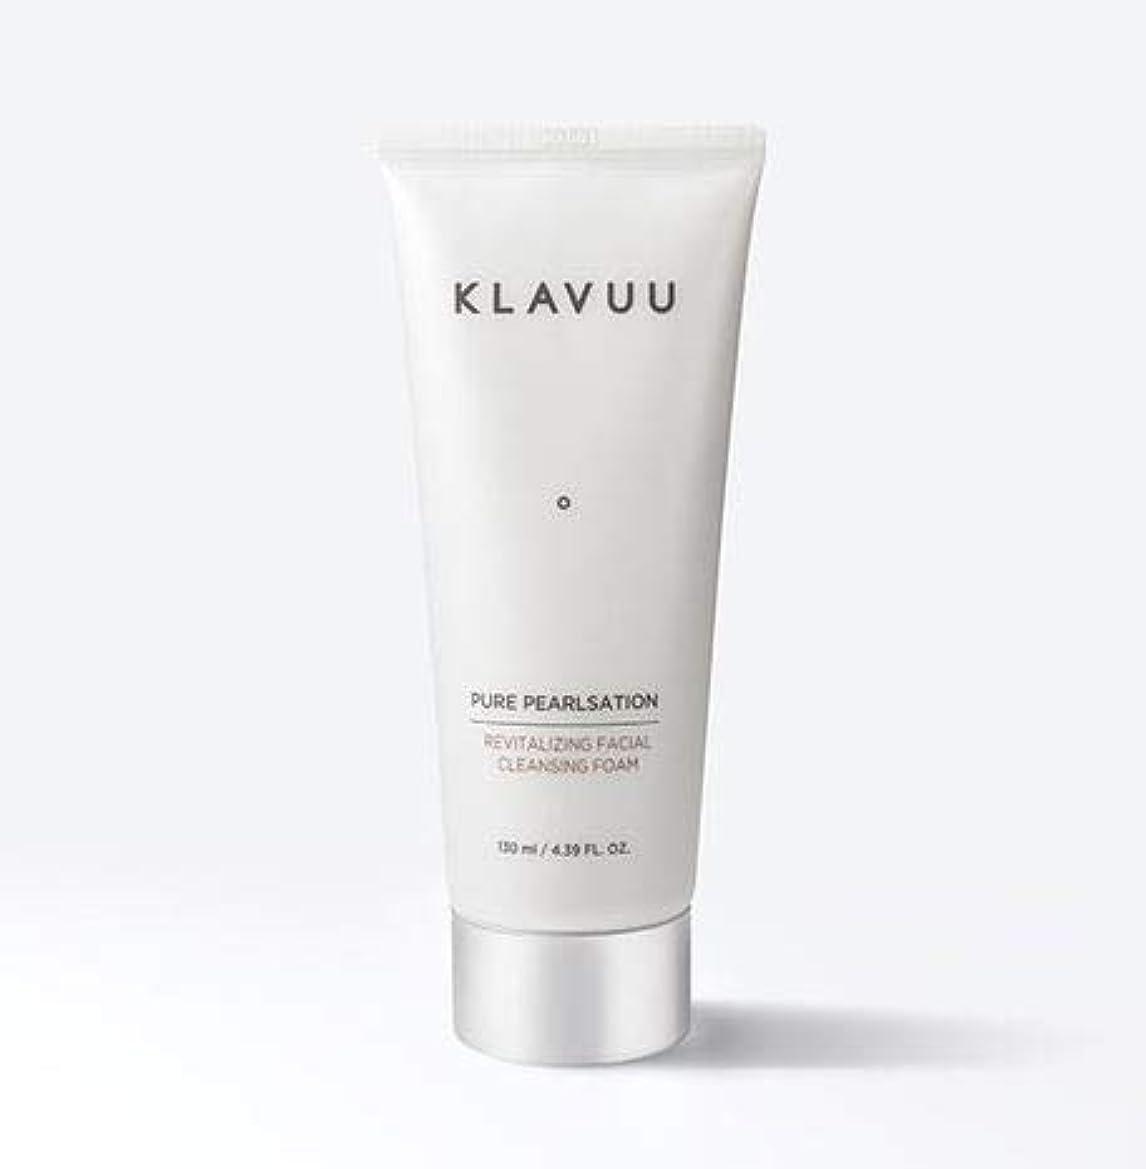 砦植物のオーブン[ Klavuu ] PURE PEARLSATION Revitalizing Facial Cleansing Foam /[クラビュー ] ピュア パールセ―ション リバイタライジング フェイシャル クレンジング...